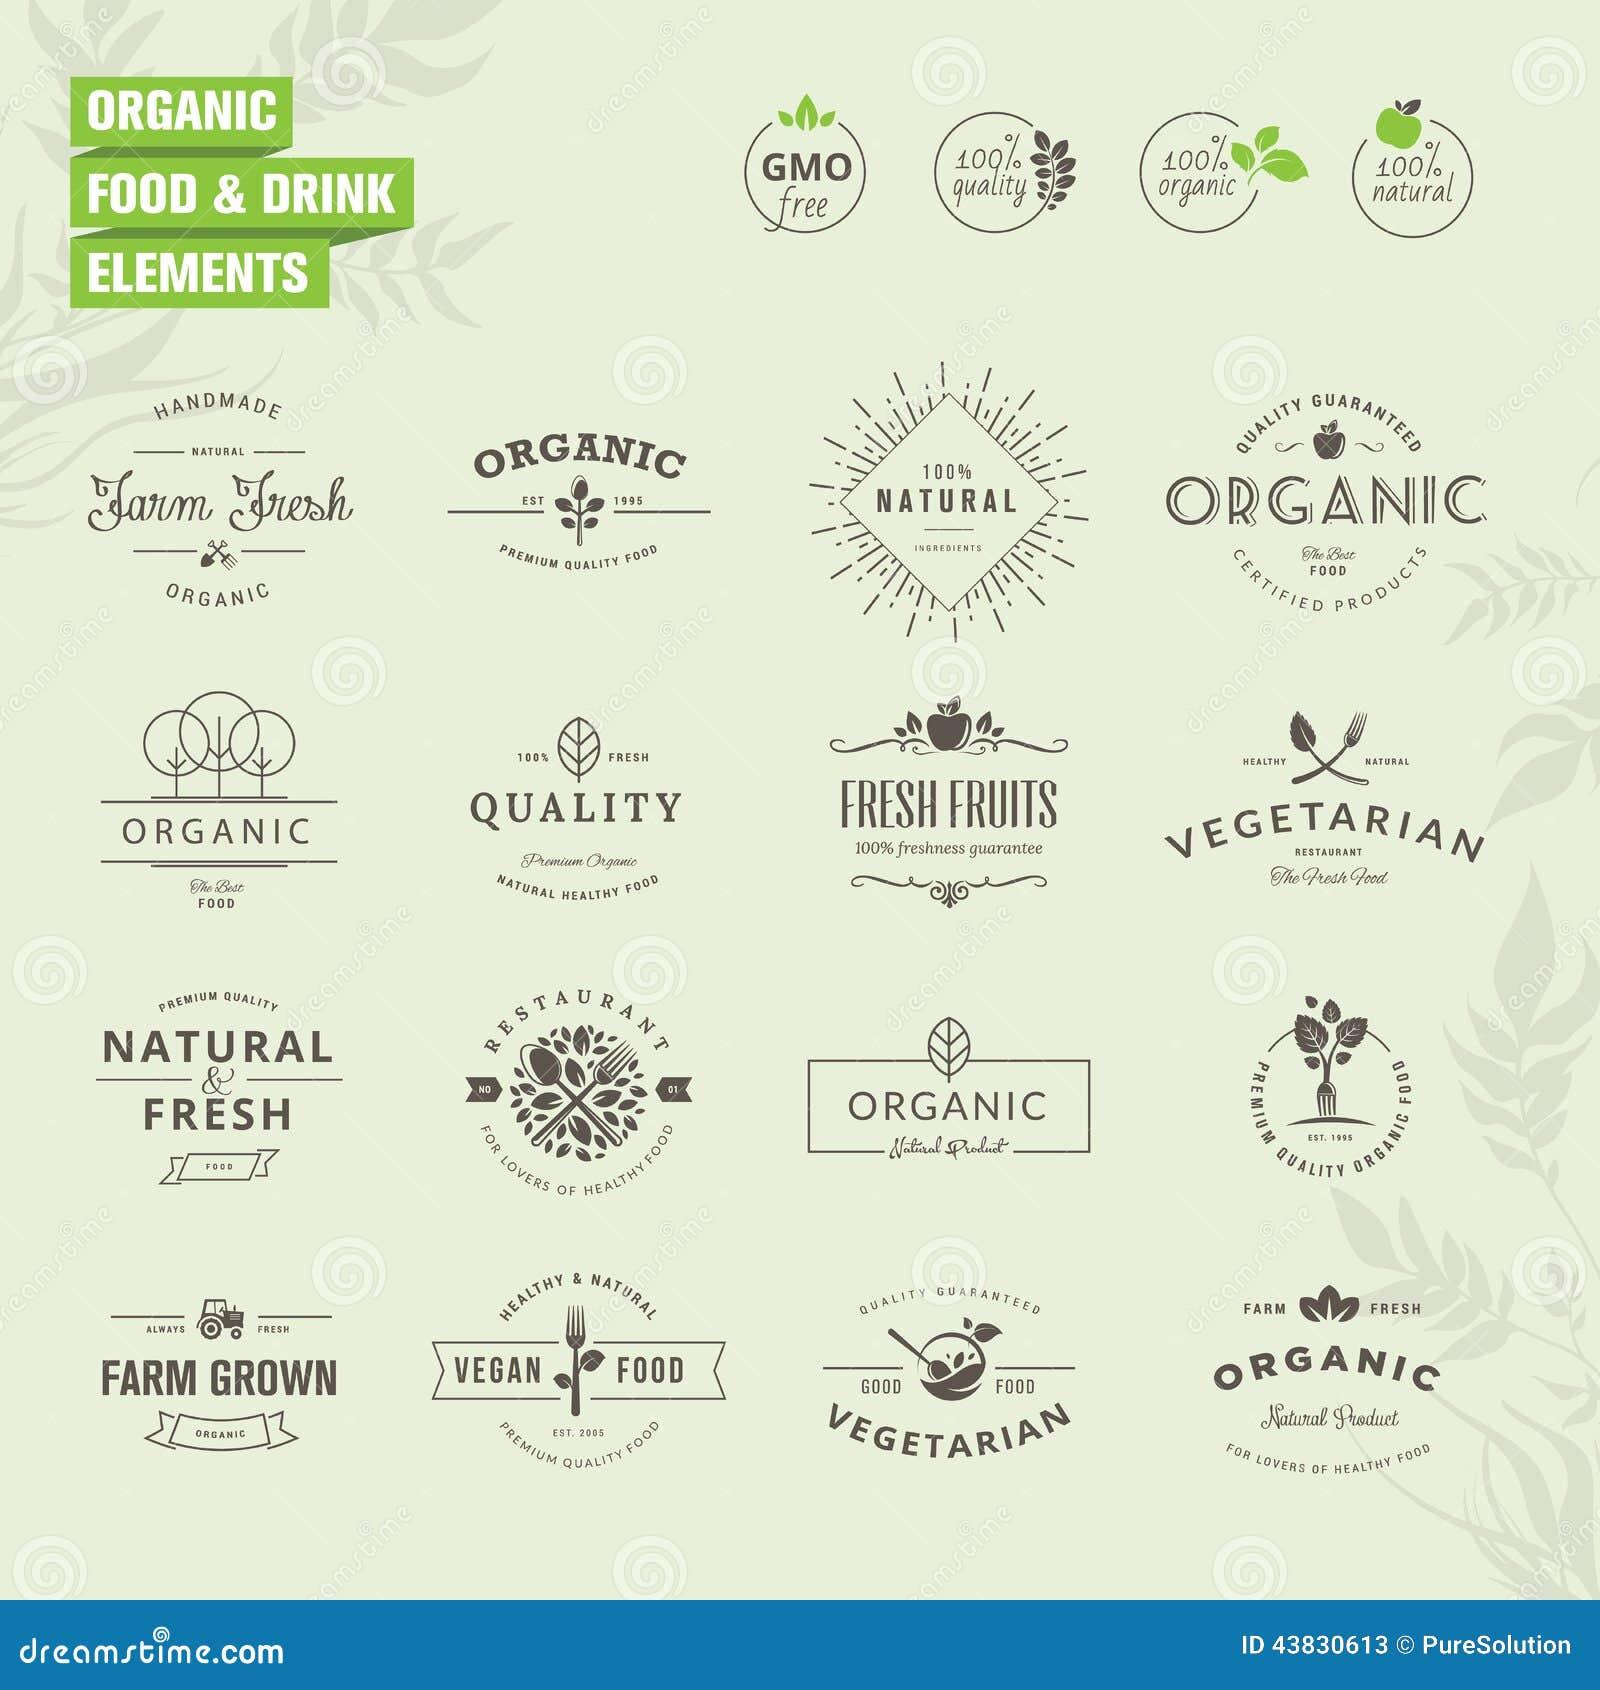 套徽章和标签元素有机食品和饮料的